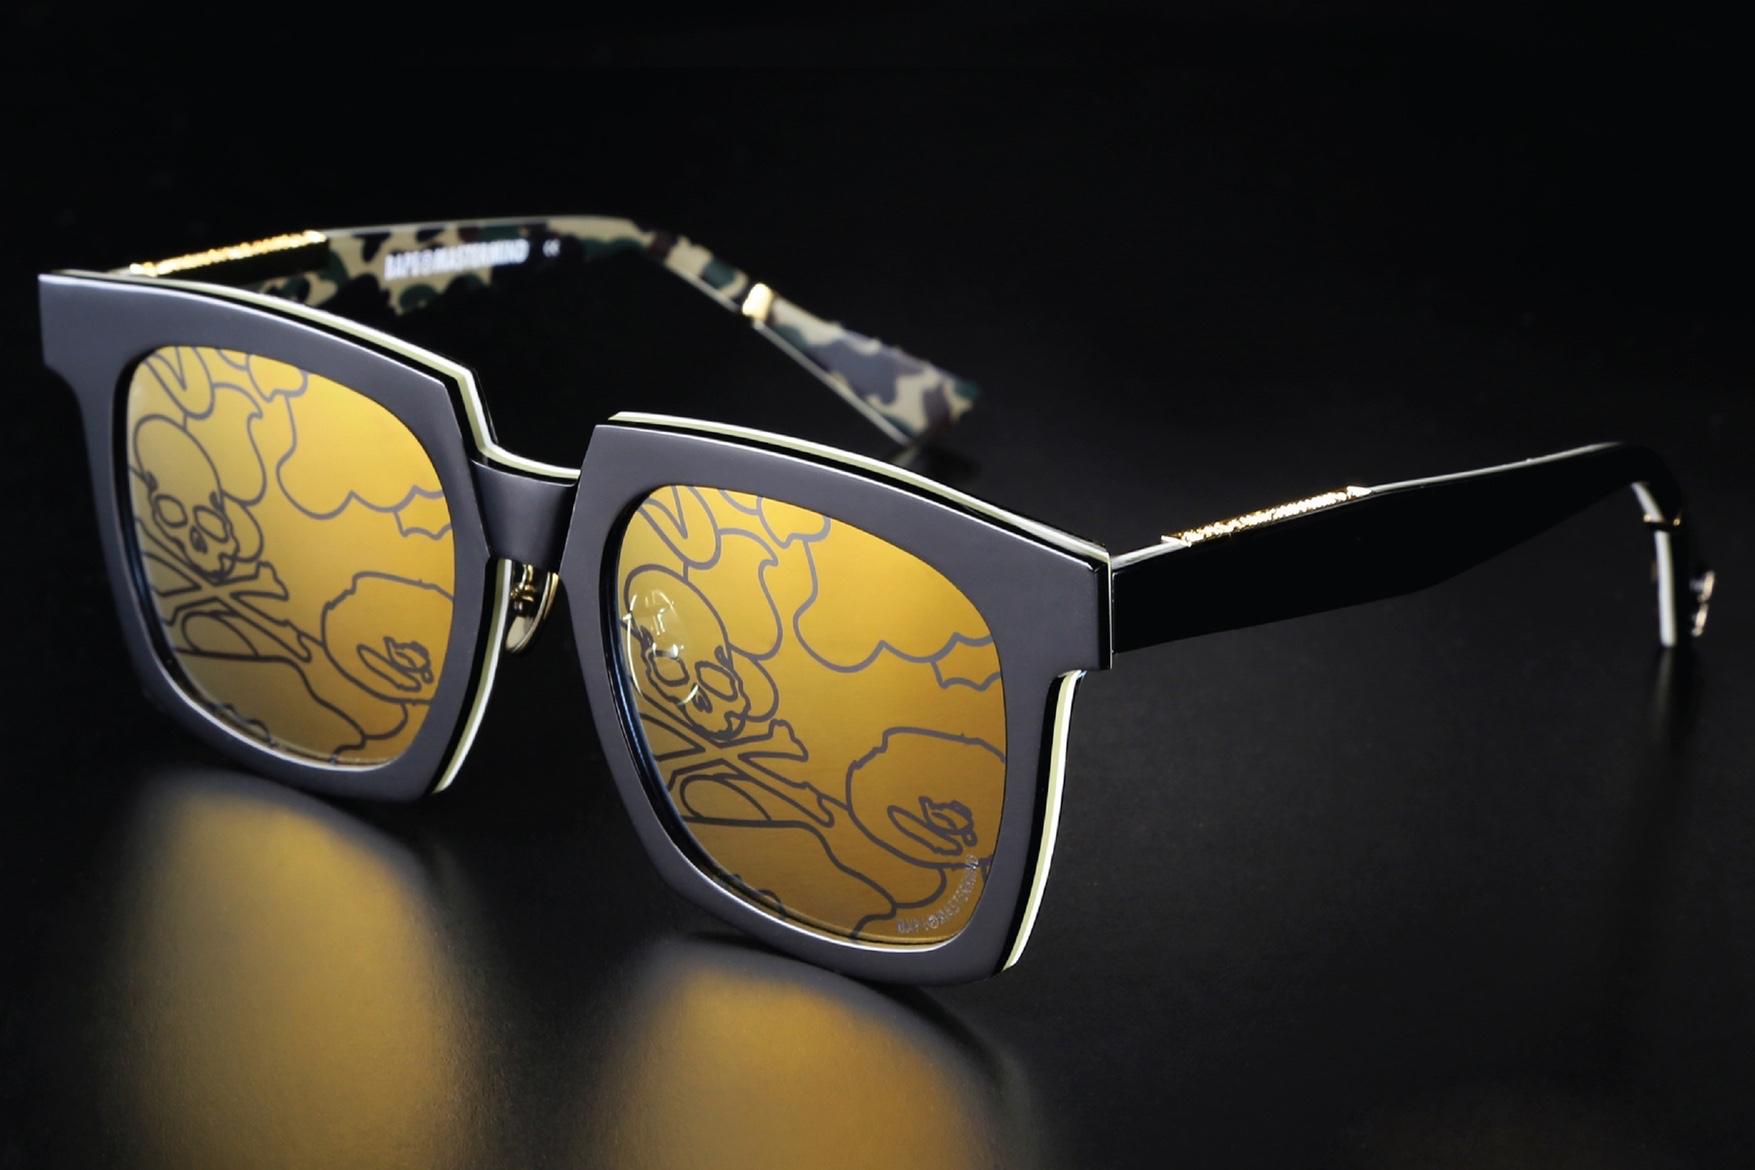 Bape nous offre un nouvel aperçu de sa gamme de sunnies en collab' avec Mastermind JAPAN